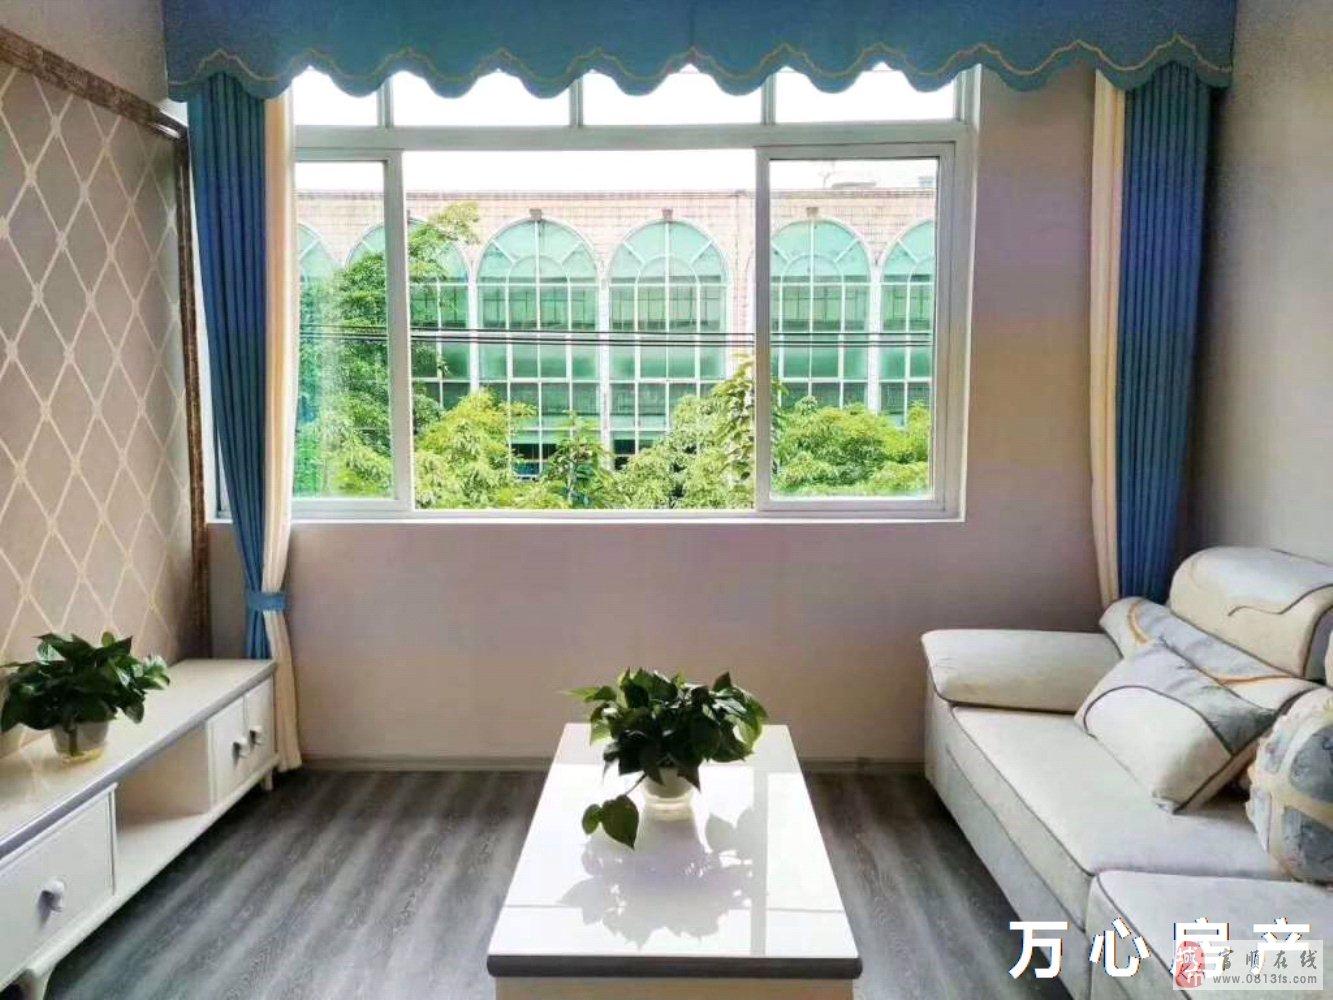 大转盘农行宿舍3室2厅2卫三楼全新精装房未住